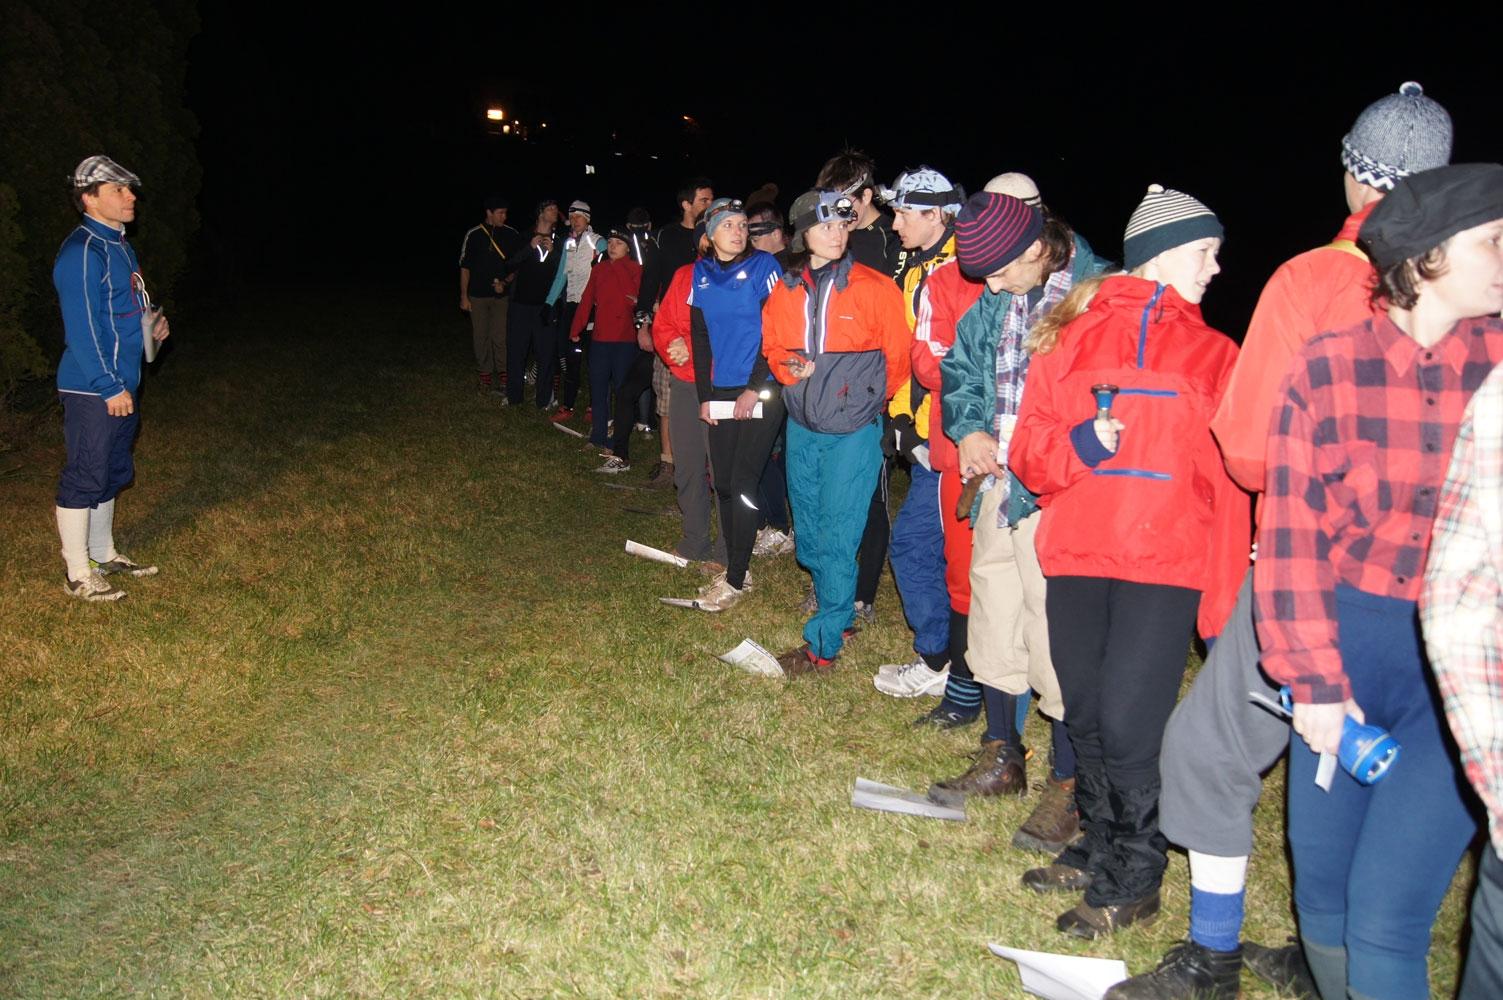 Jubilejní 50. ročník přeboru VŠE Praha v NOBu (noční orientační běh) a 11. ročník v MTBO (orientační závod horských kol) se uskutečnil 12. – 13. 11. 2010 v obci Řitka.